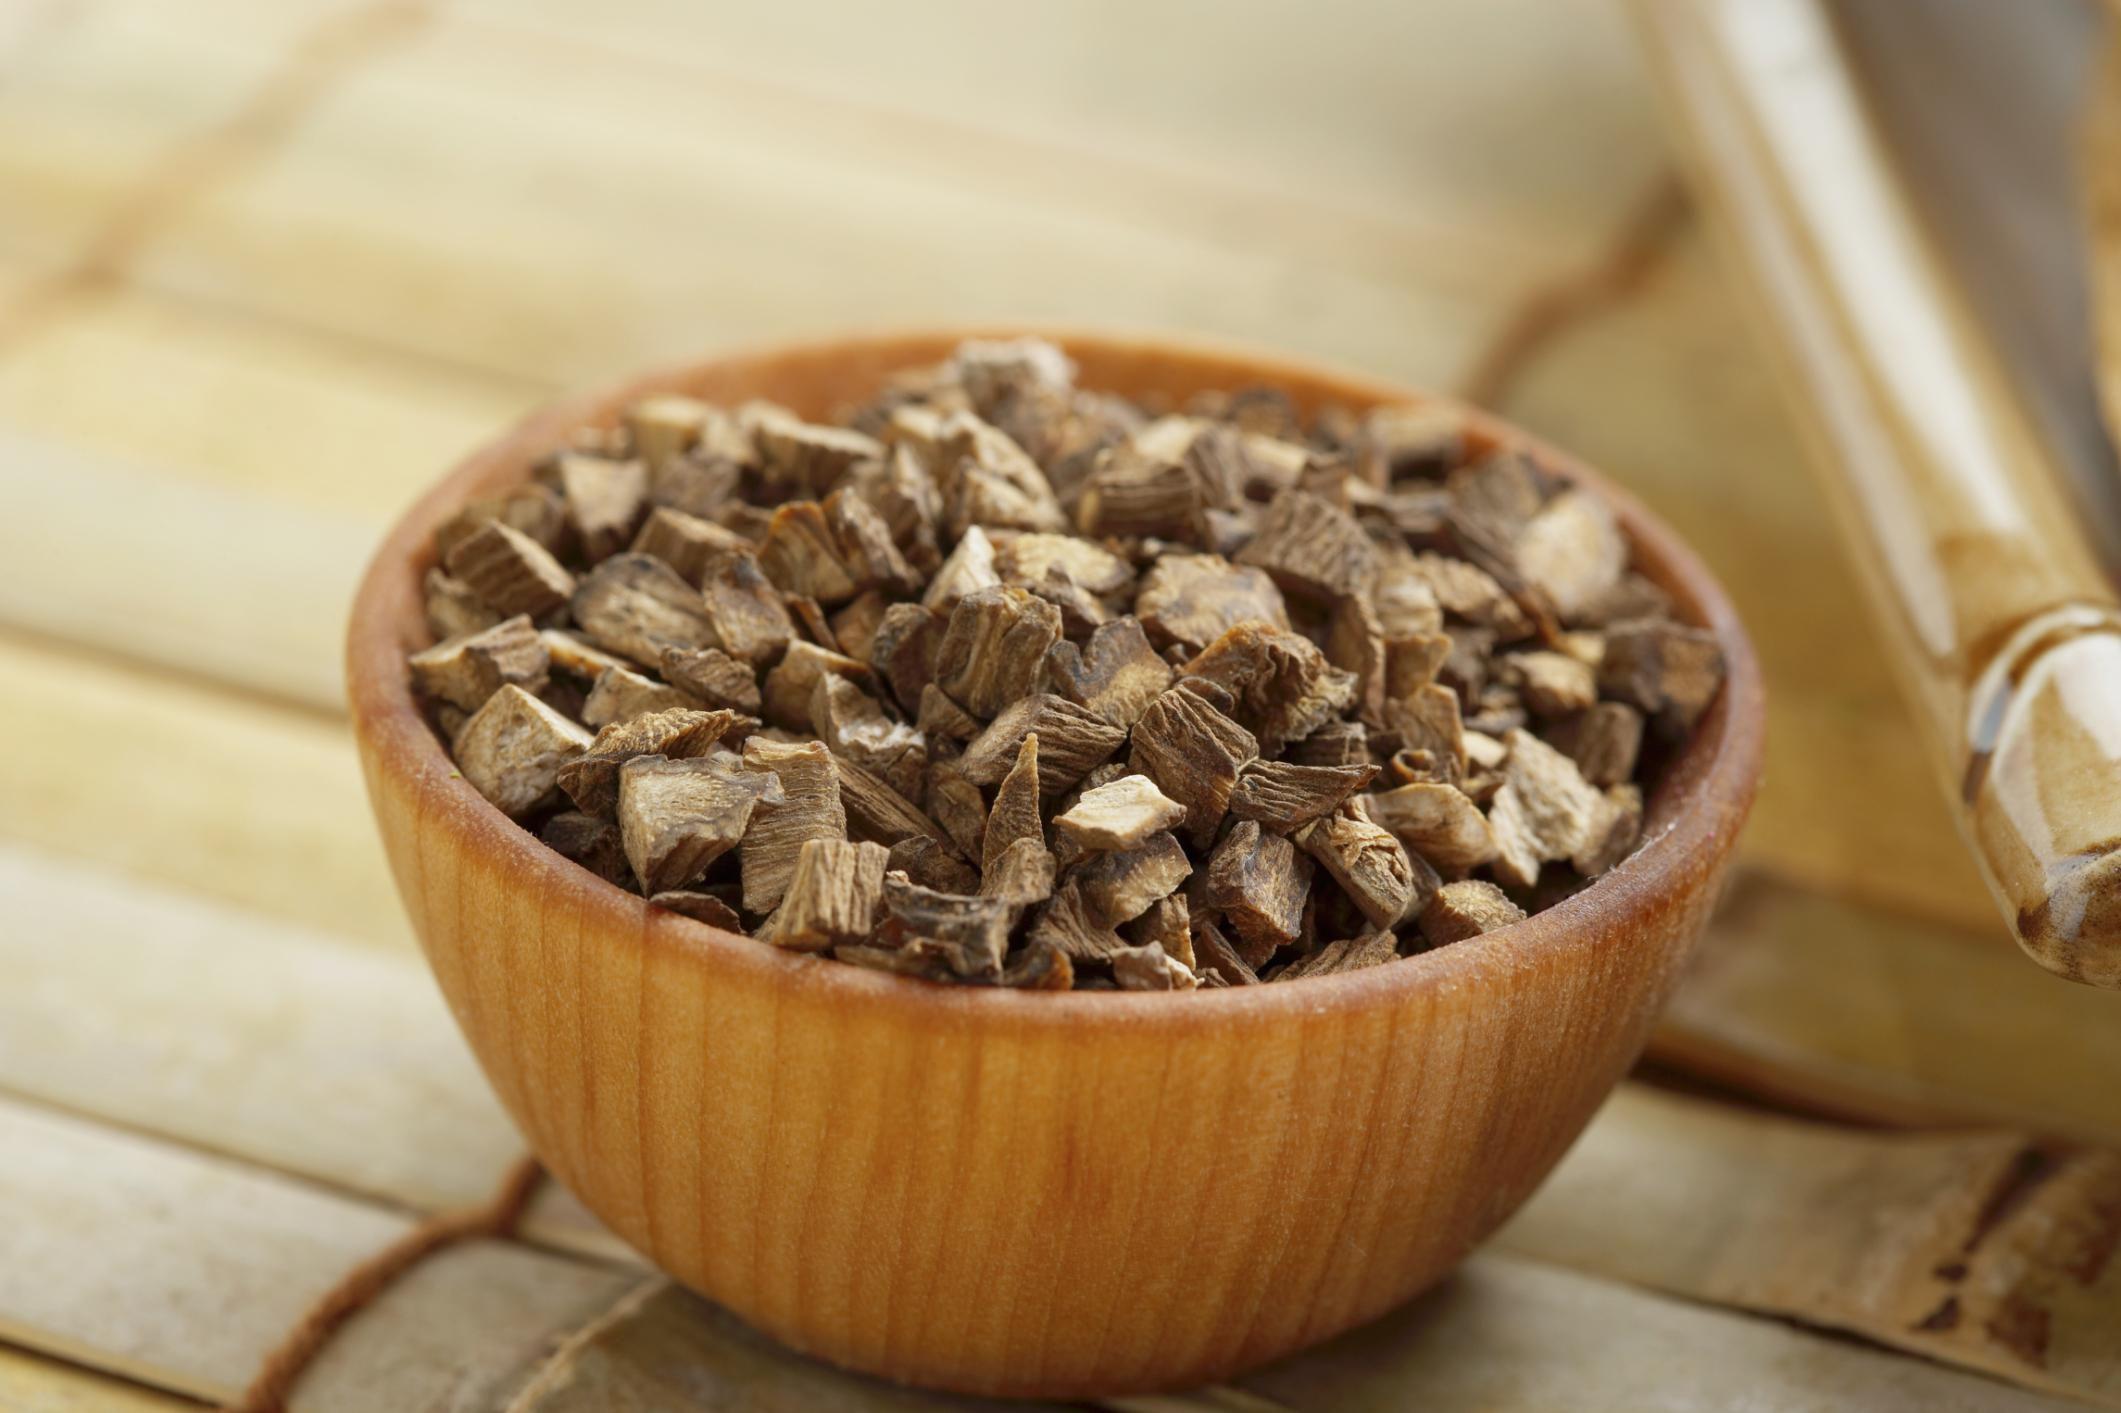 корни лопуха для волос применение